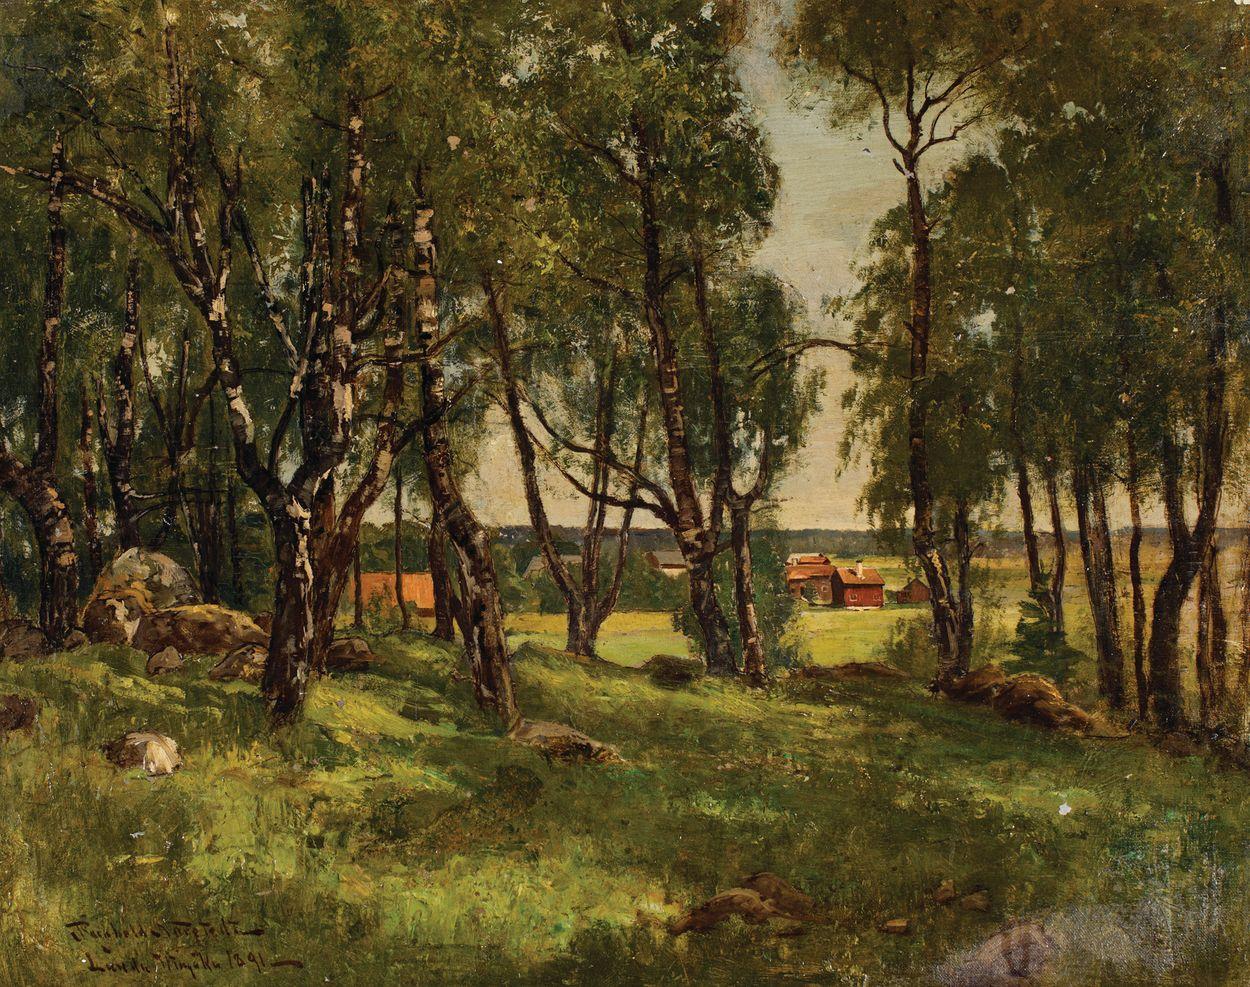 BRZOZOWY ZAGAJNIK, 1891